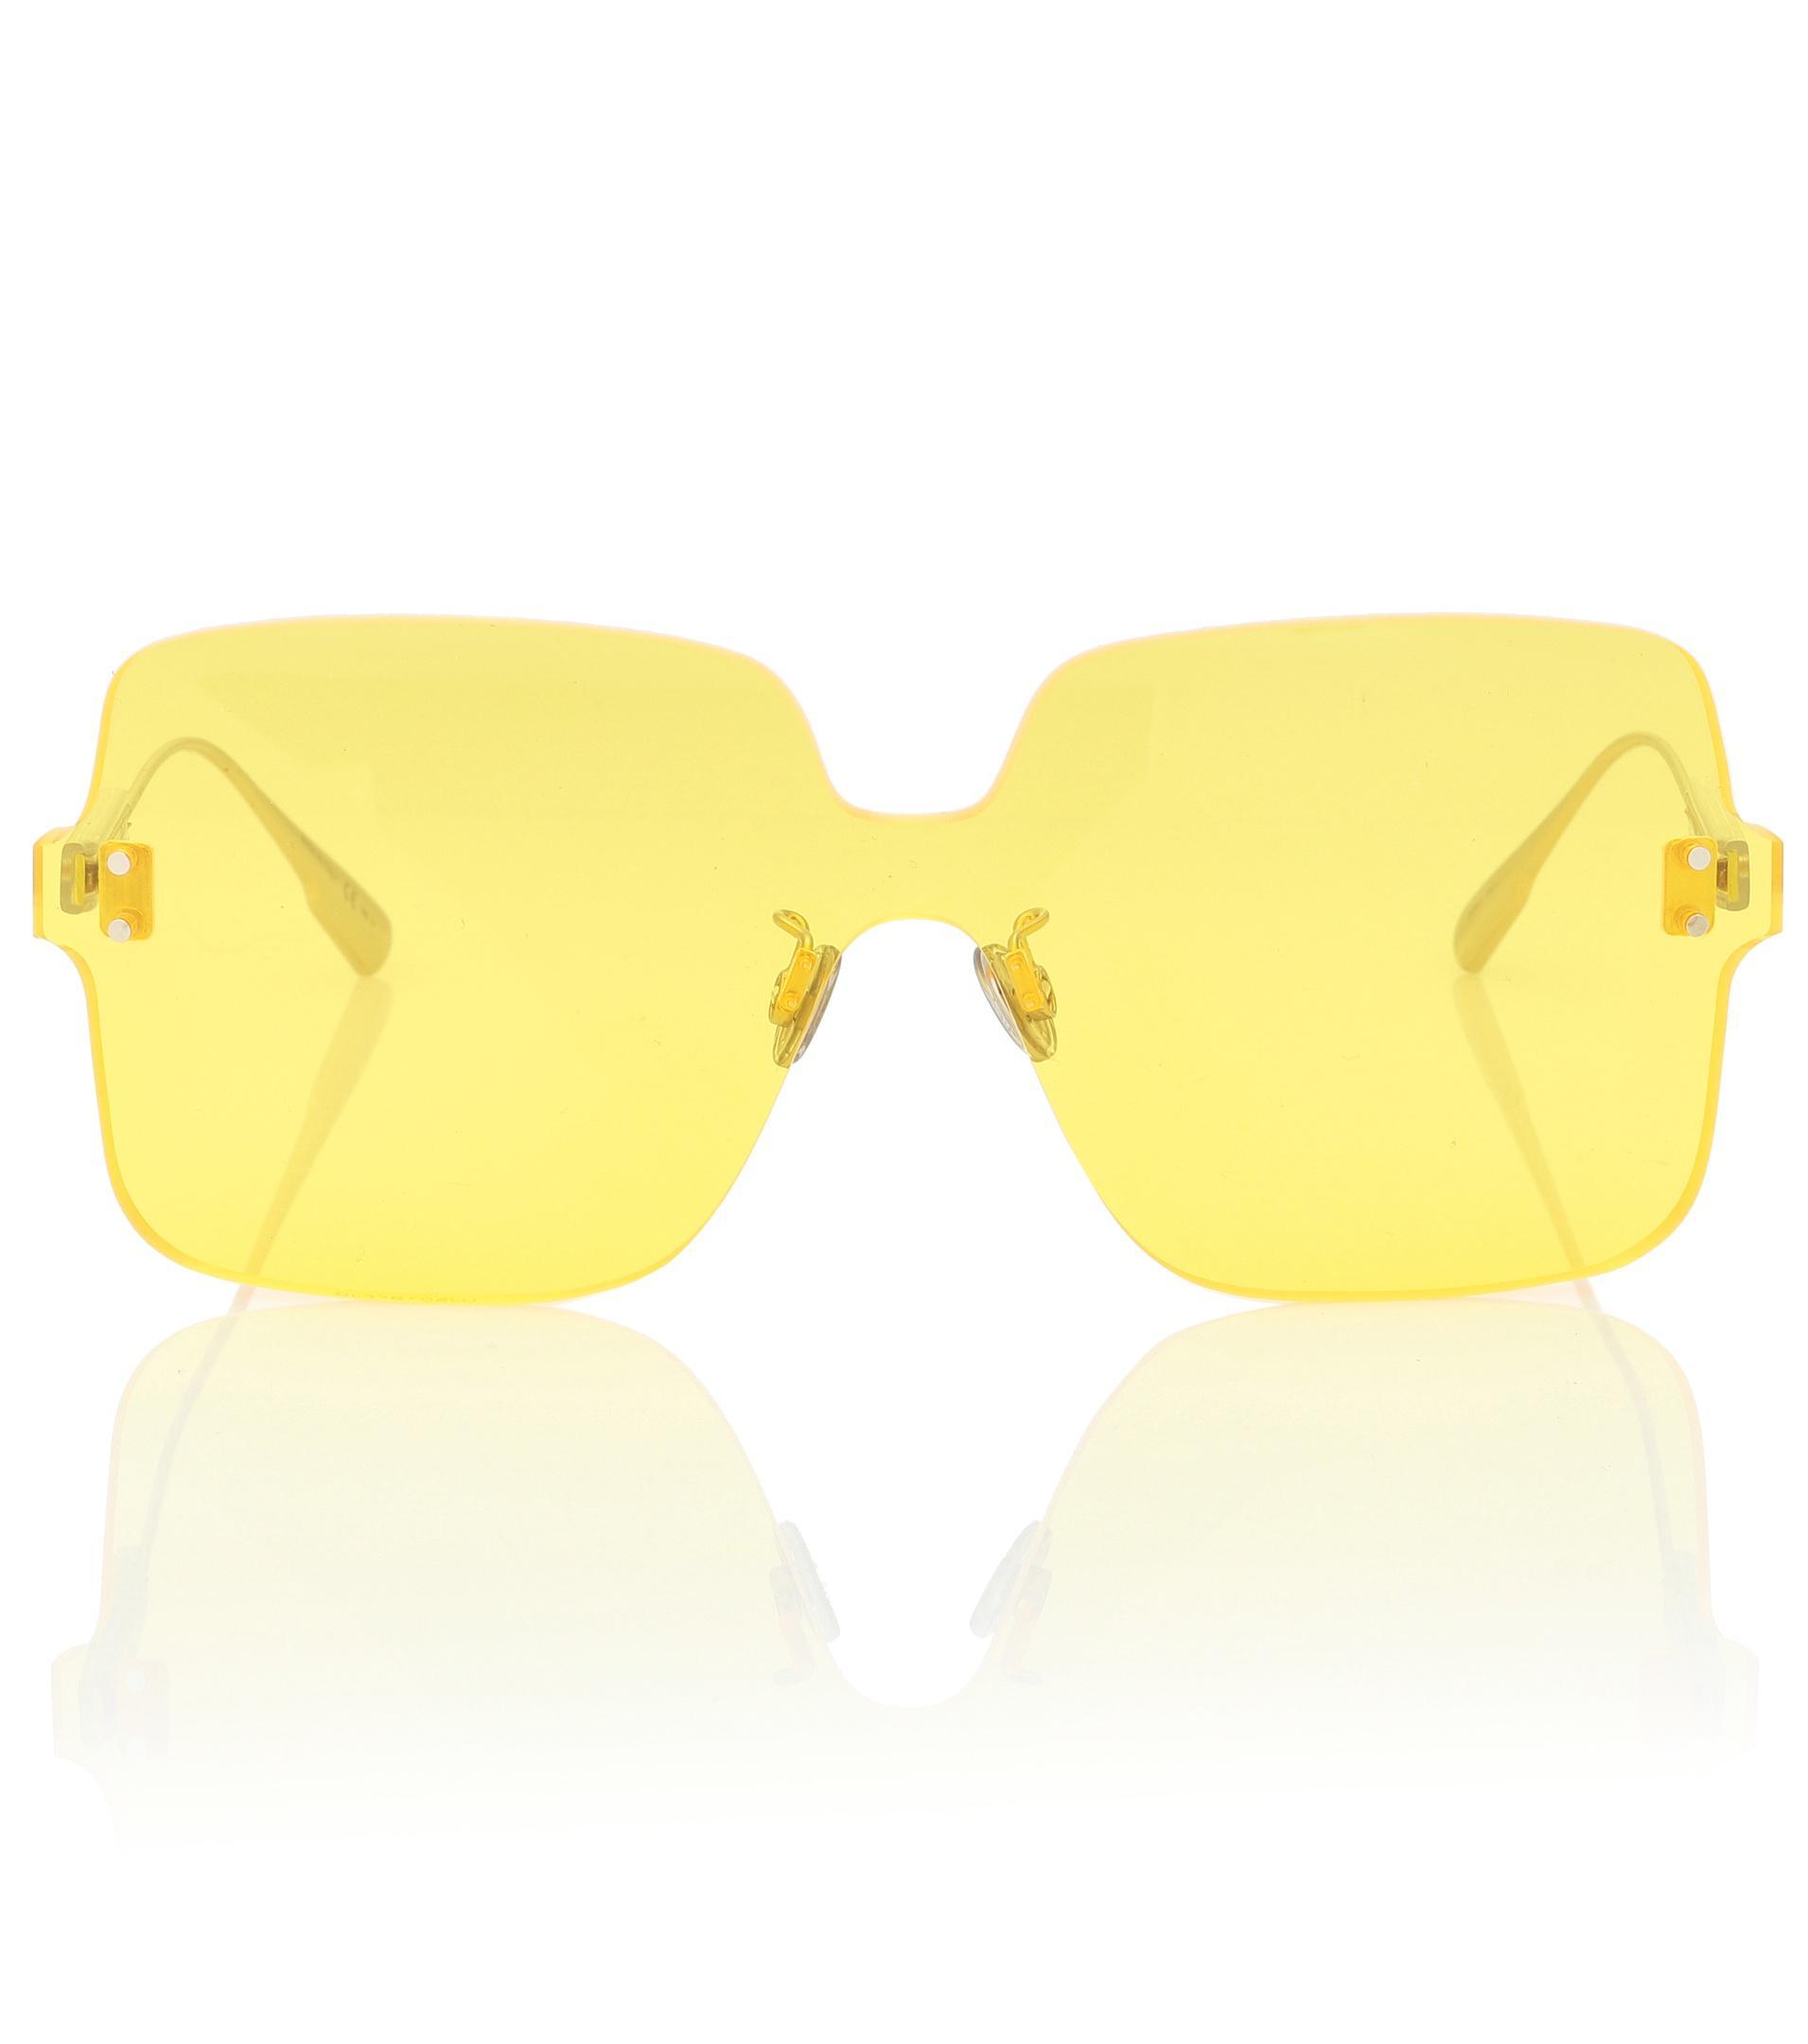 383ce0437f0f Dior Diorcolorquake1 Square Sunglasses in Yellow - Save 22% - Lyst